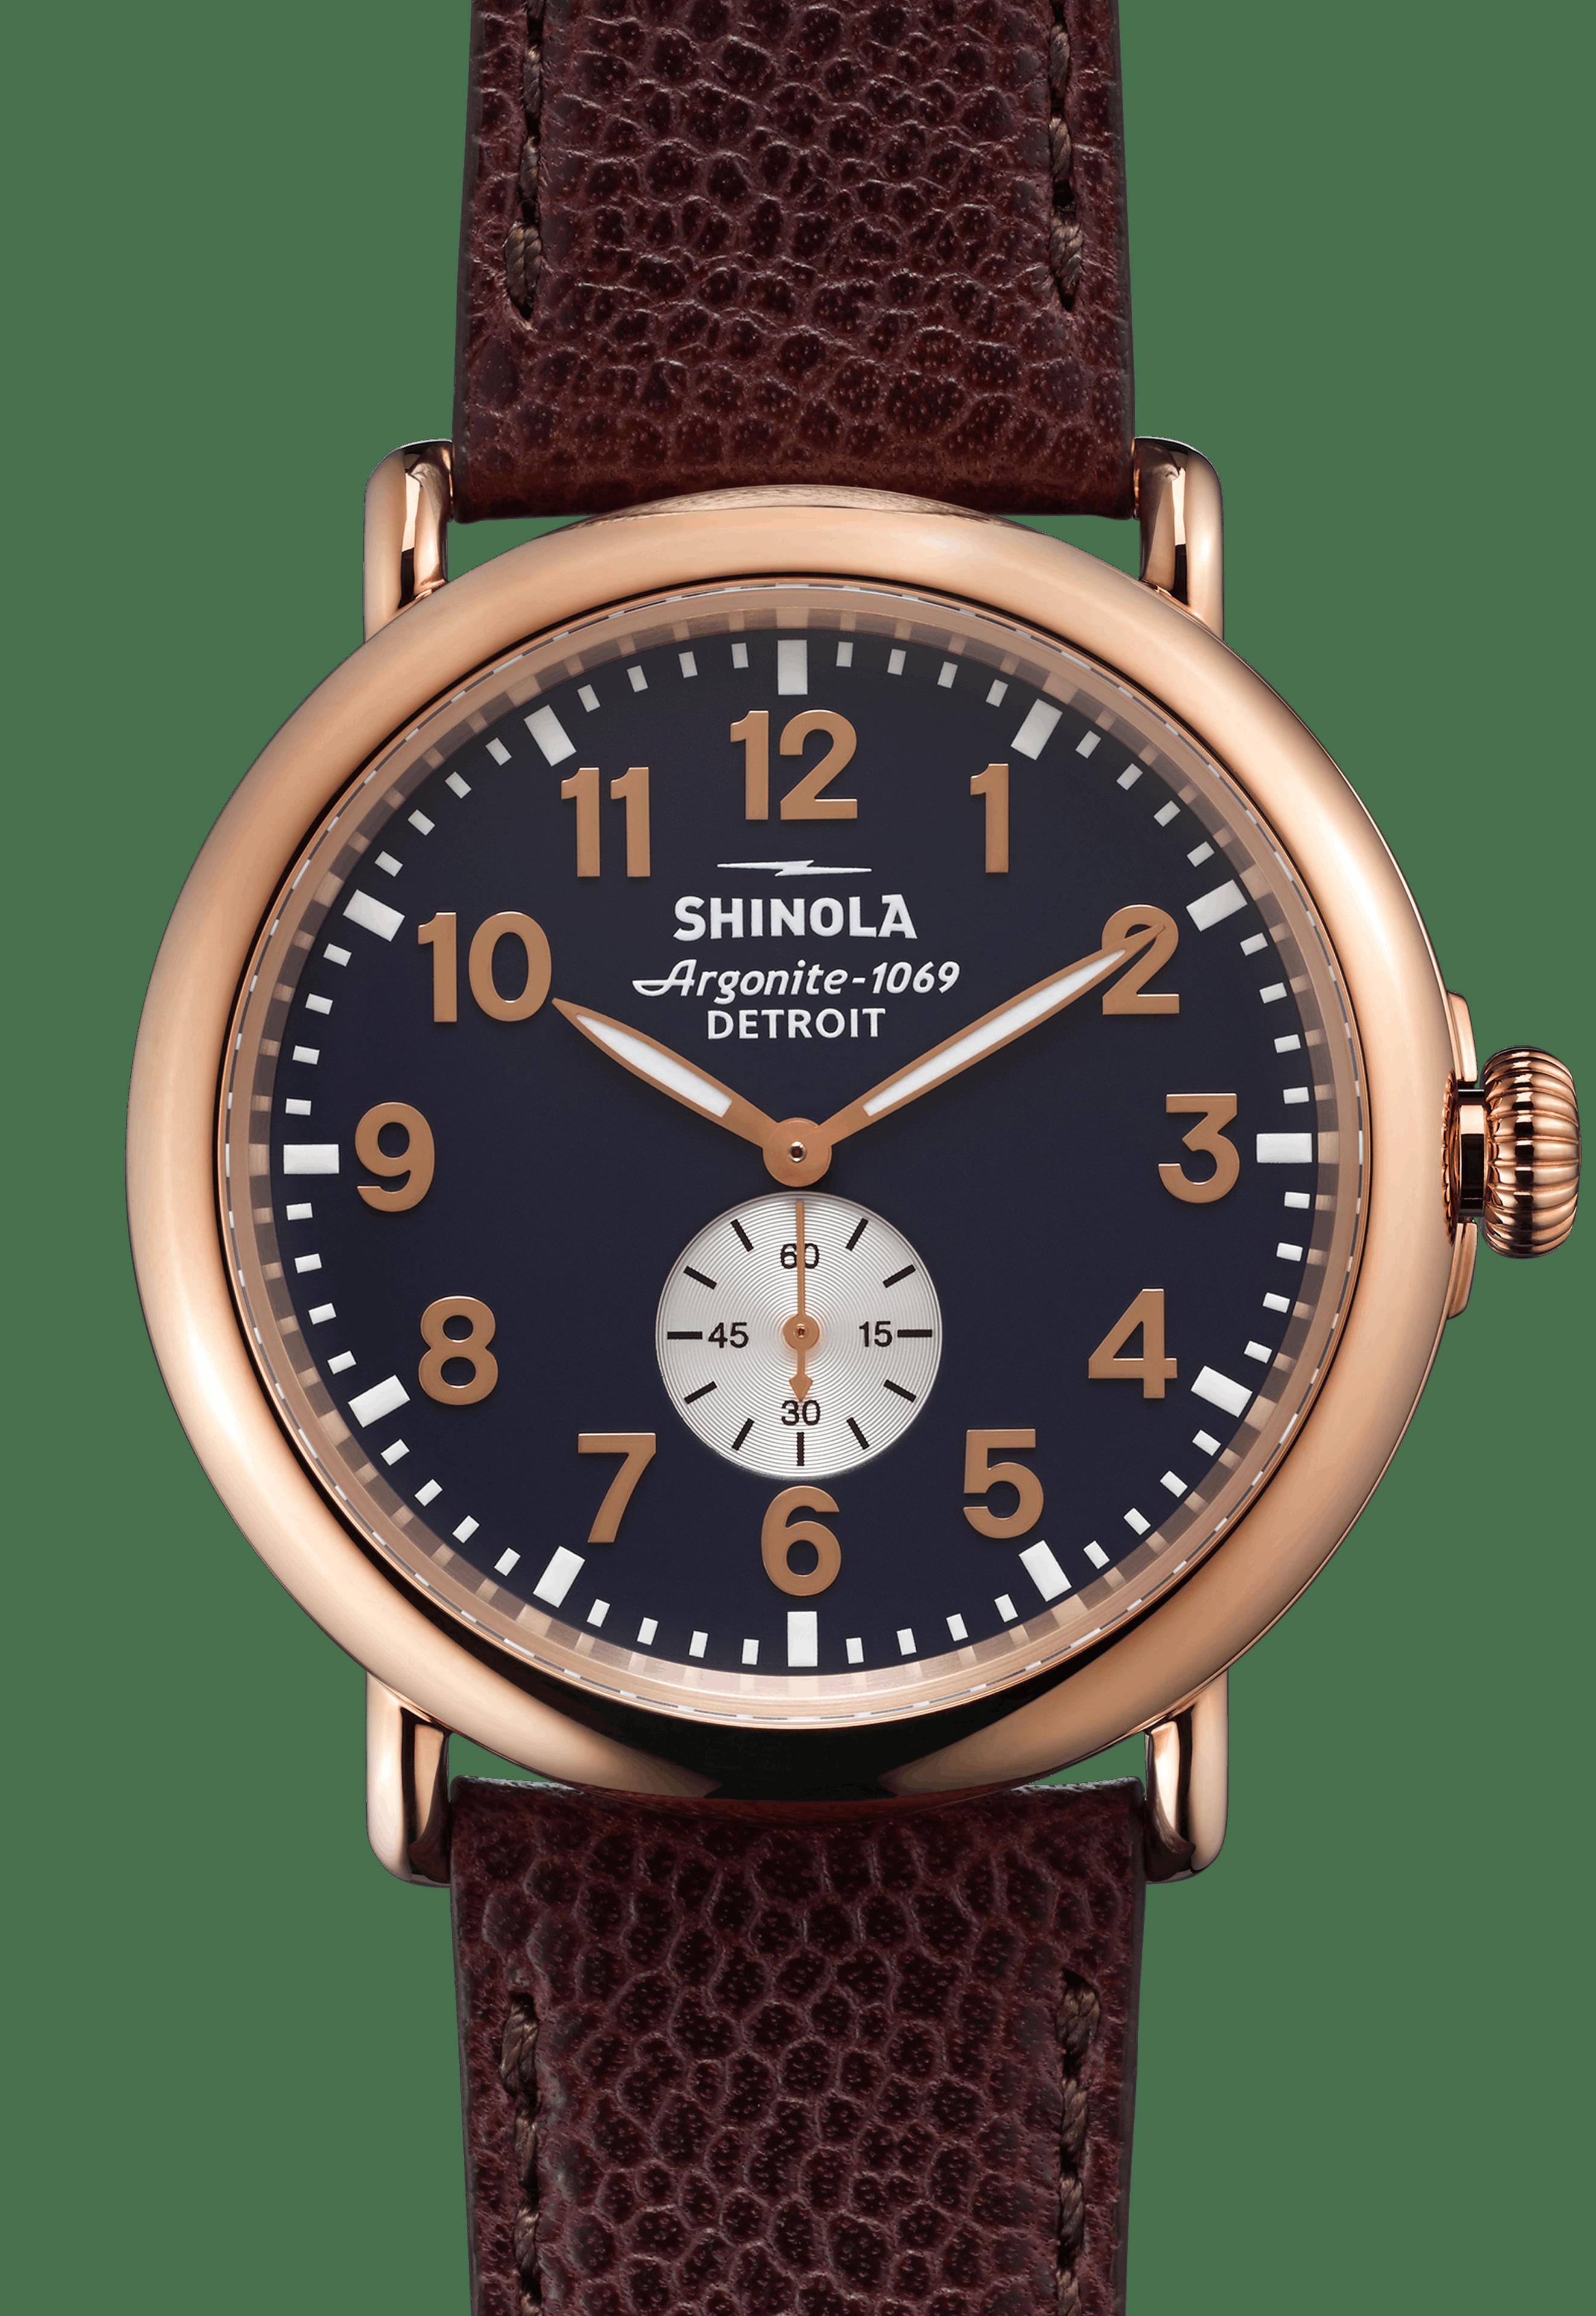 Tachometer Watches | Shinola Bikes | Shinola Watch